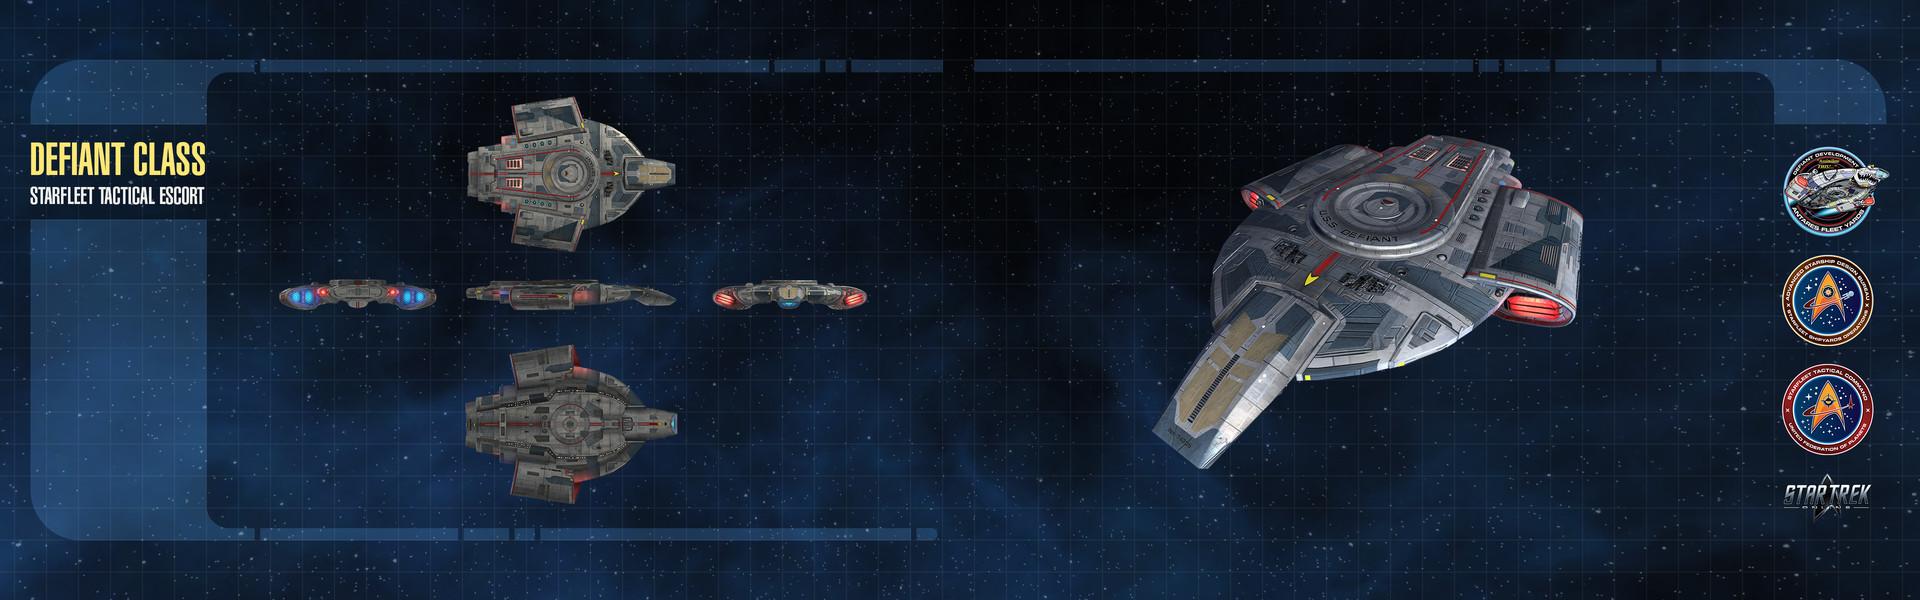 Thomas marrone wallpaper dual ship defiant